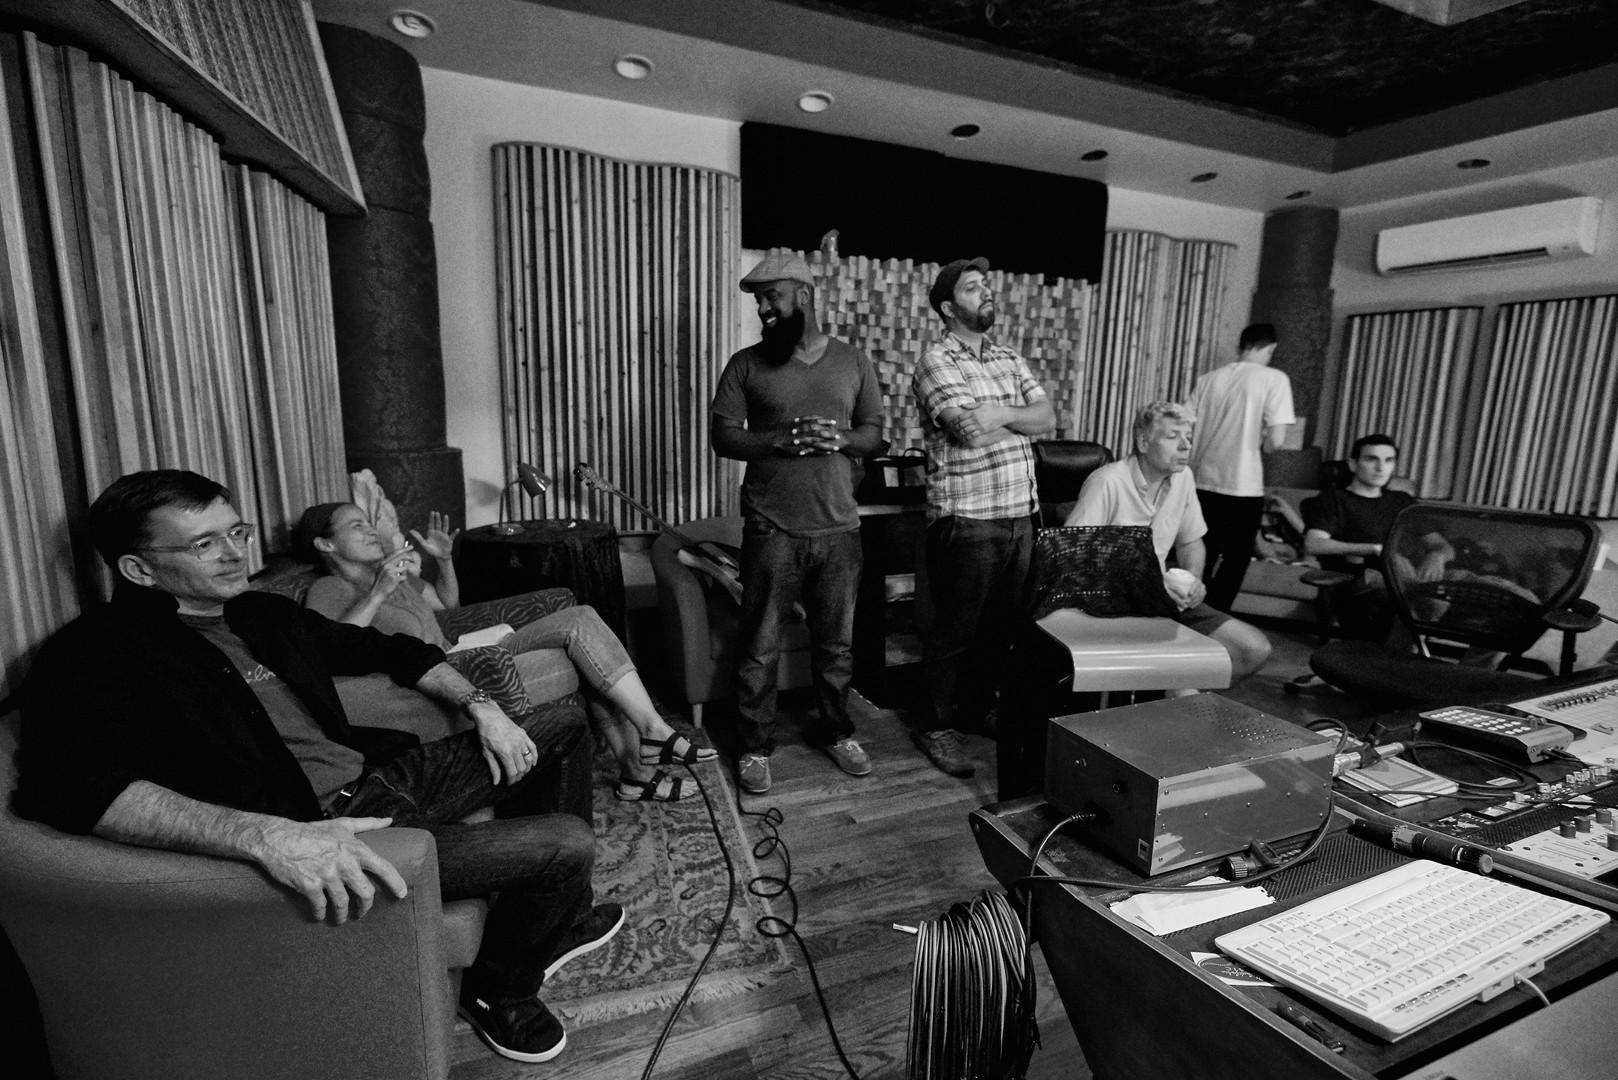 Under the Oak in studio - Dave DiRentis